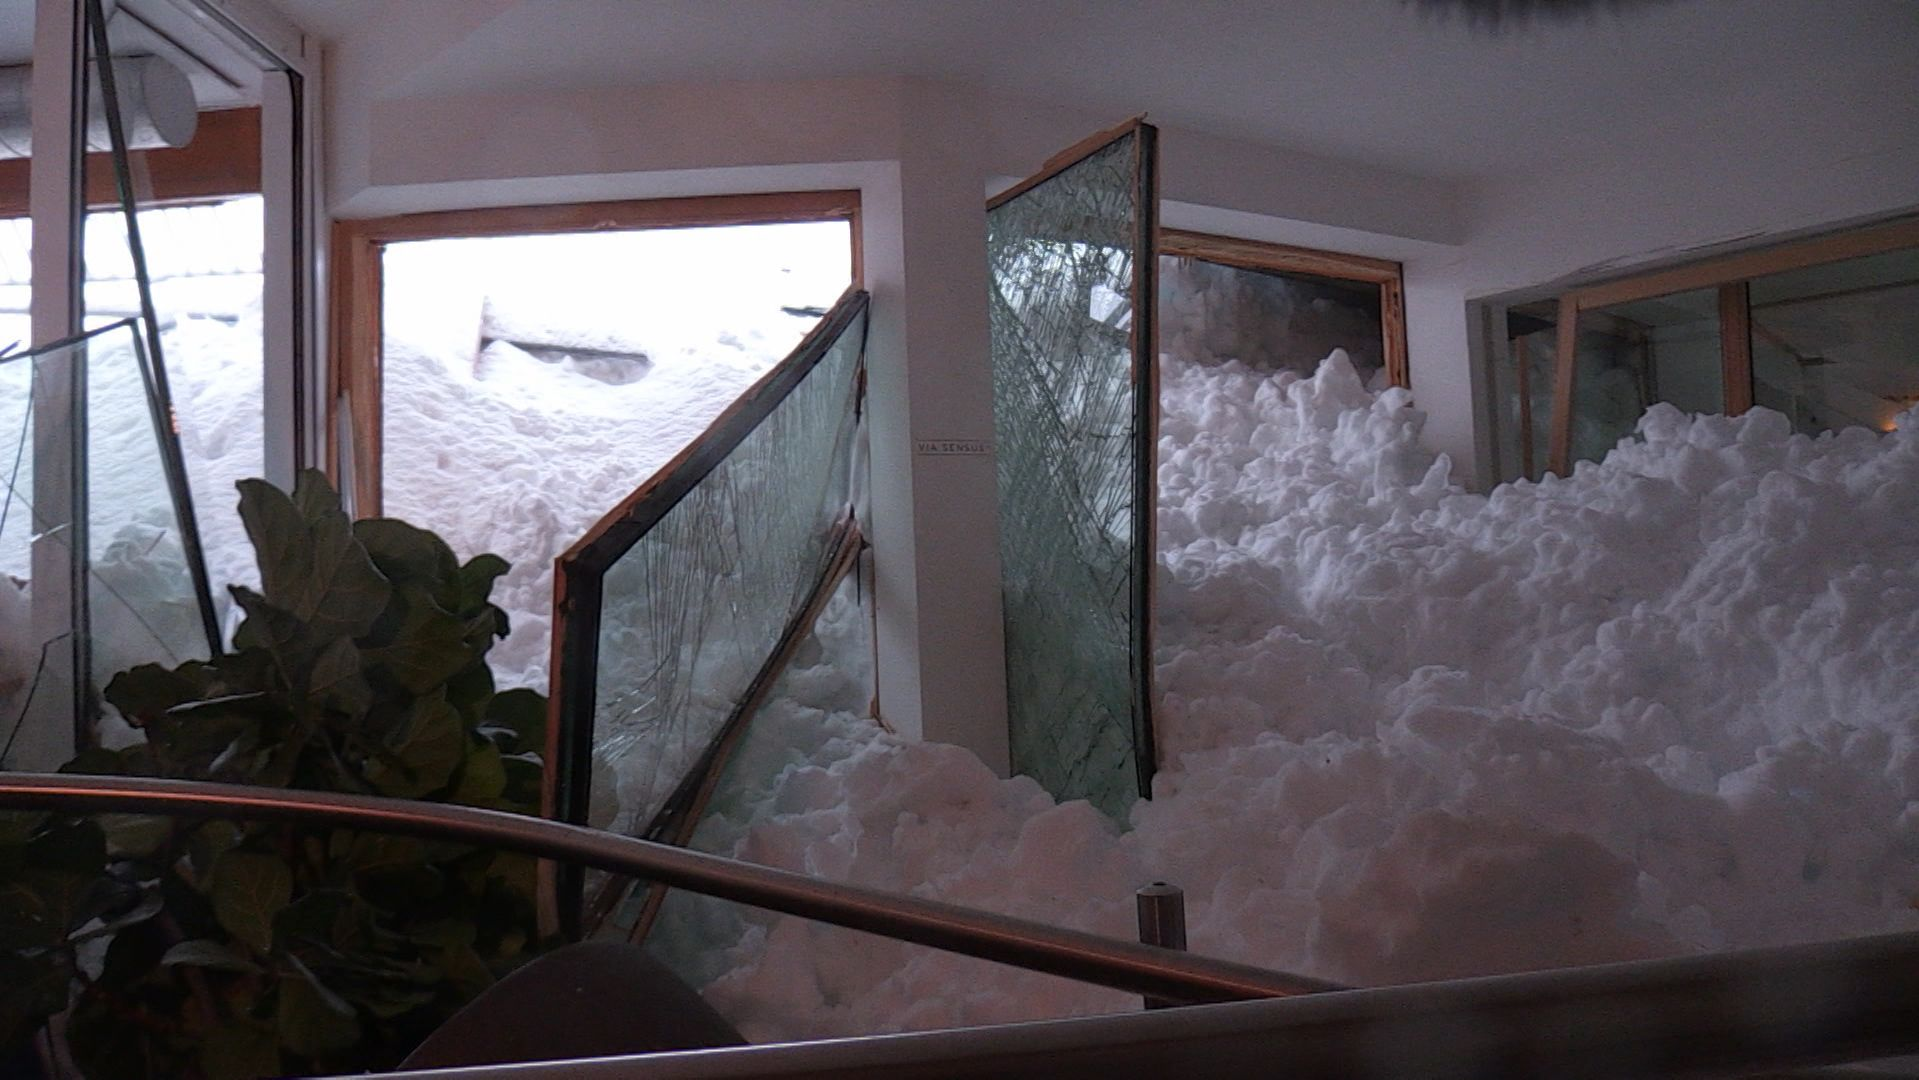 Schneemassen drücken sich durch kaputte Fenster